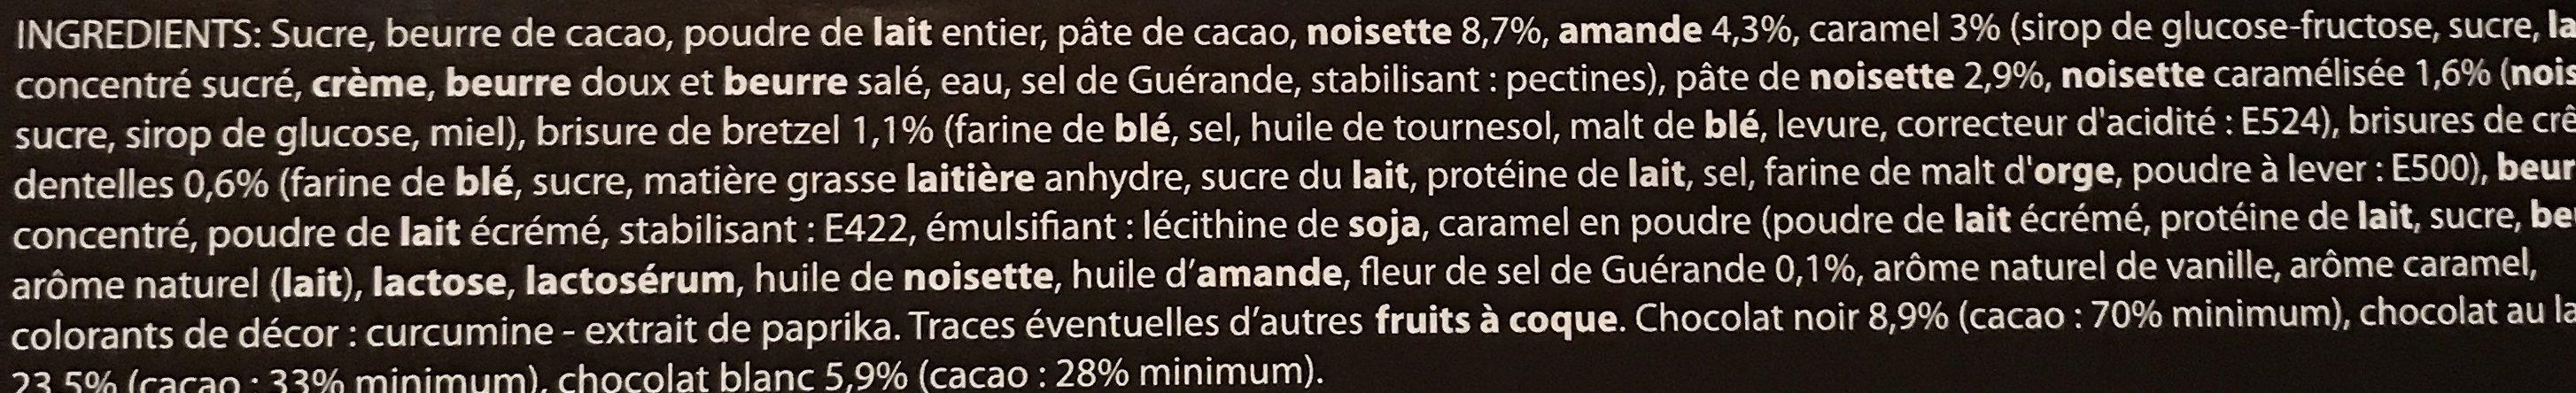 Assortiment de Chocolats - Ingredients